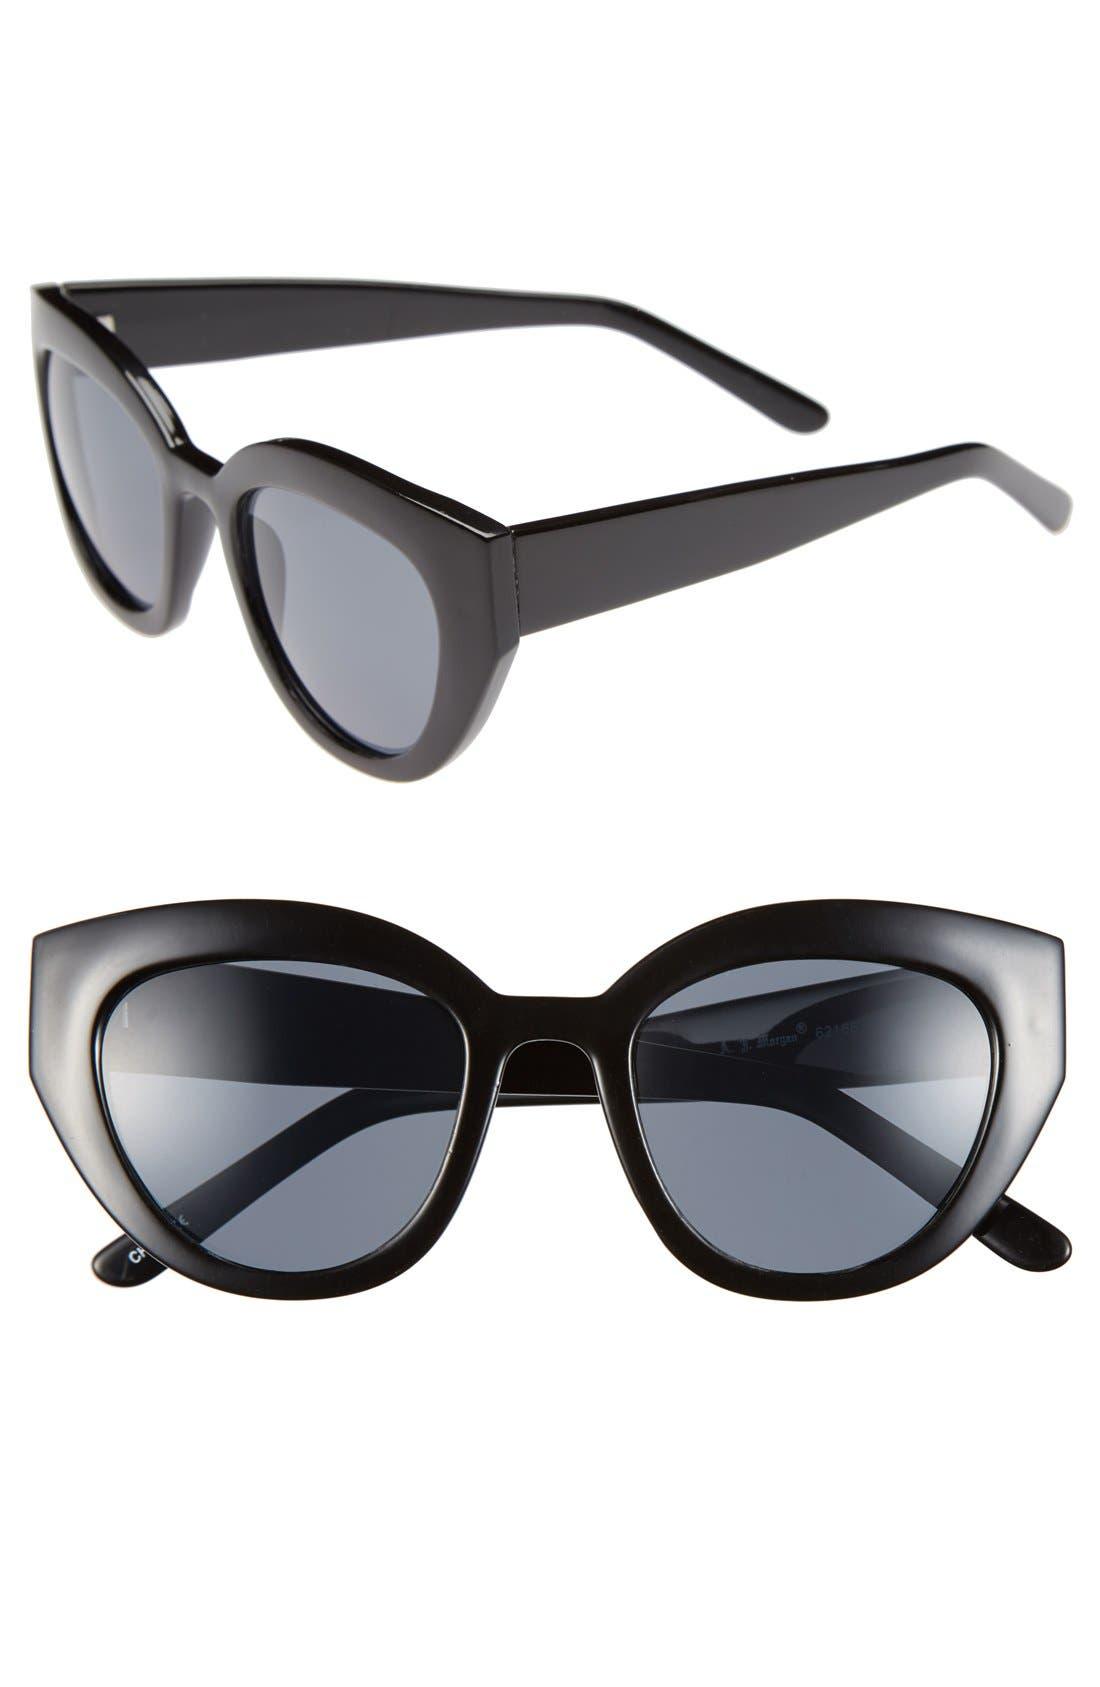 Main Image - A.J. Morgan 'Maybe' 47mm Sunglasses